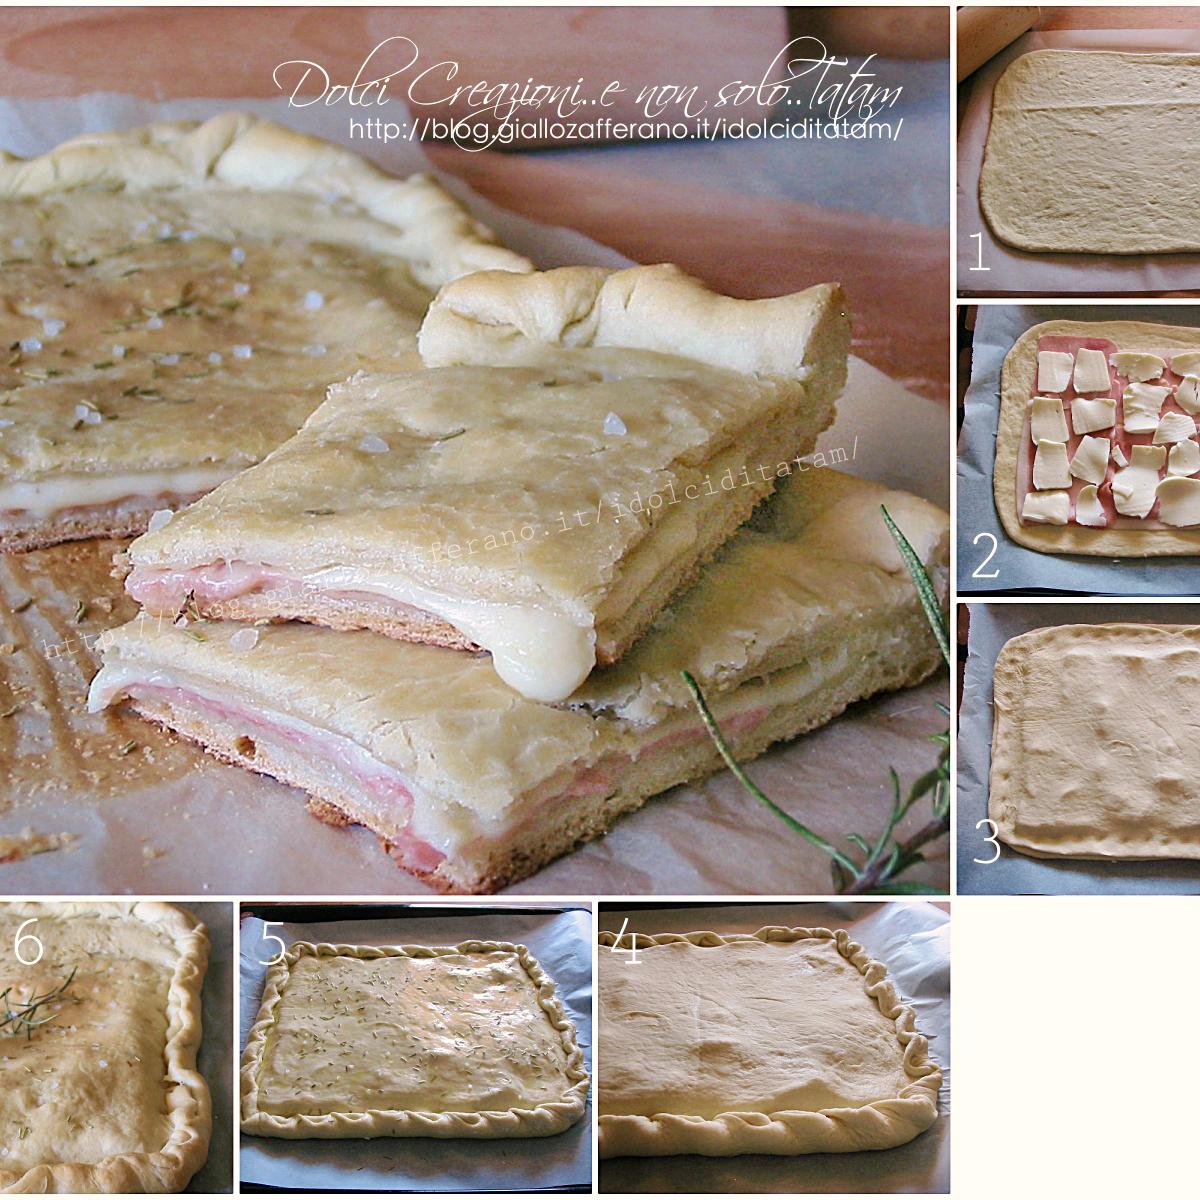 Focaccia-cotto-e-mozzarella1a